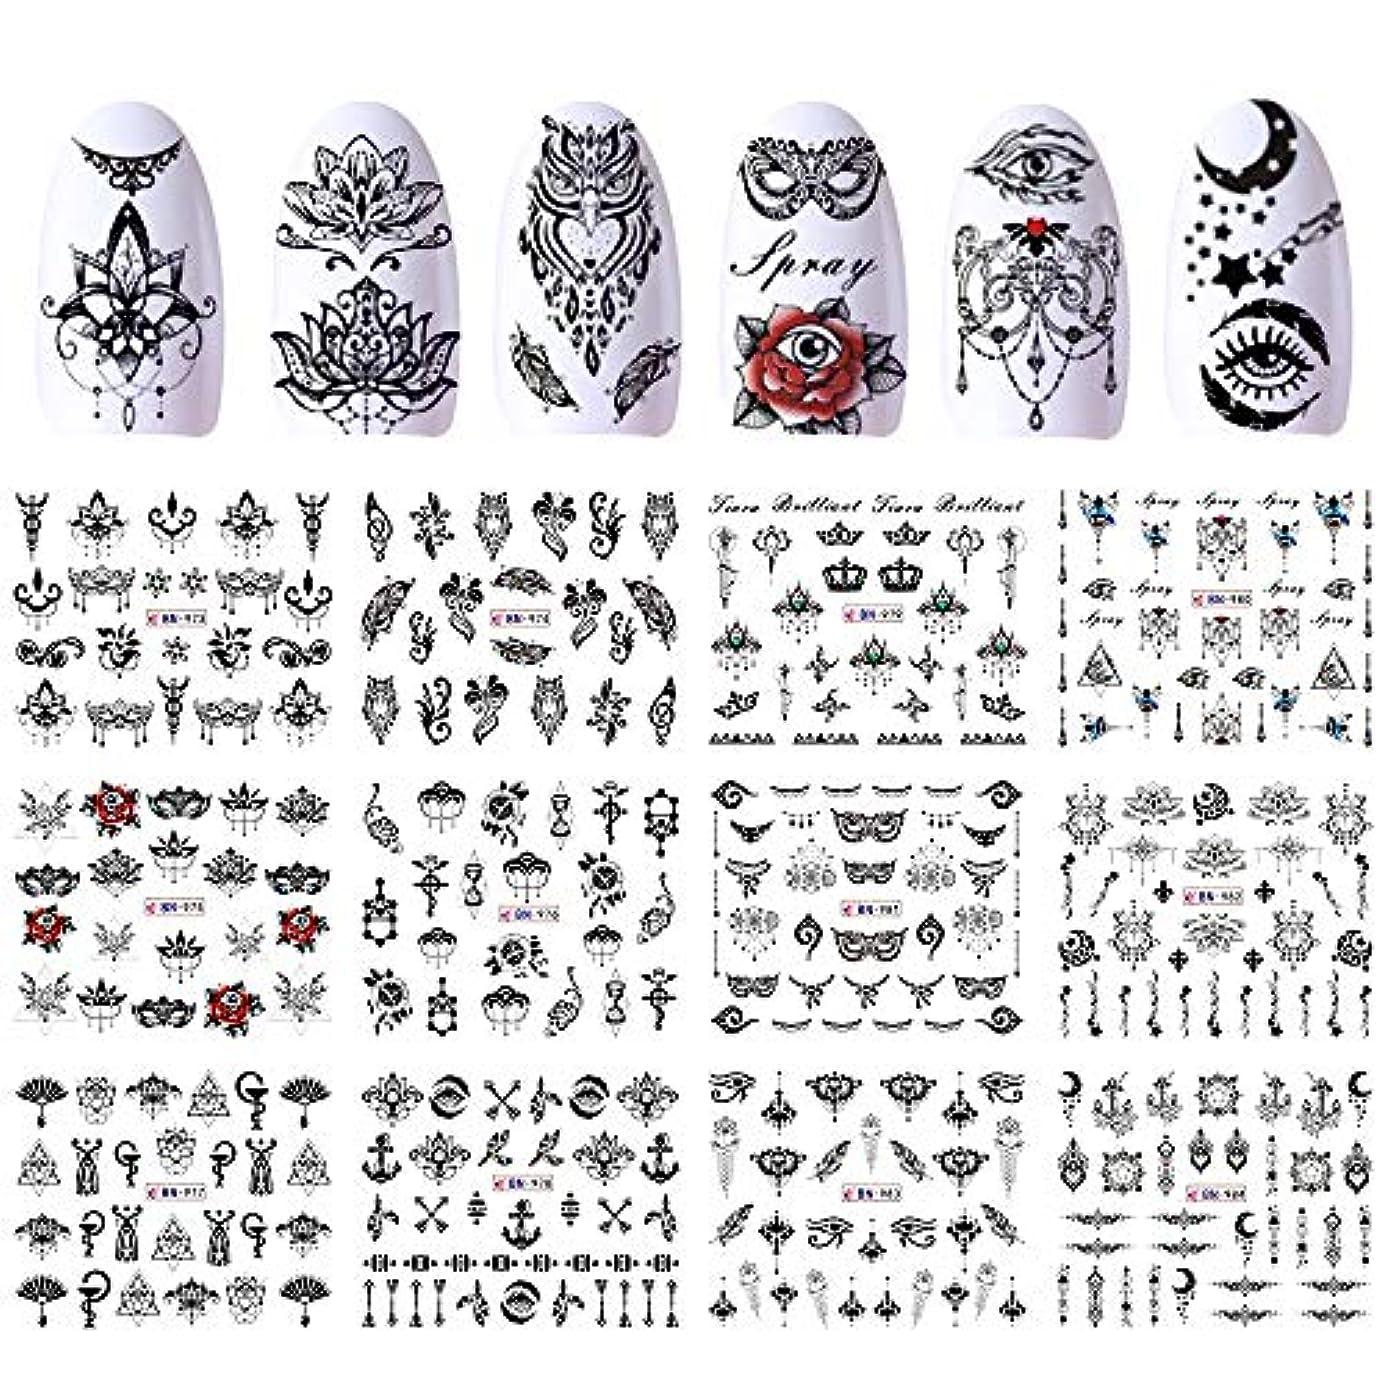 レーニン主義後継キャメルSUKTI&XIAO ネイルステッカー 12デザインウォーターステッカー転送ブラックネイルデカール花ラップマニキュアネックレスインテリアタトゥーのヒント